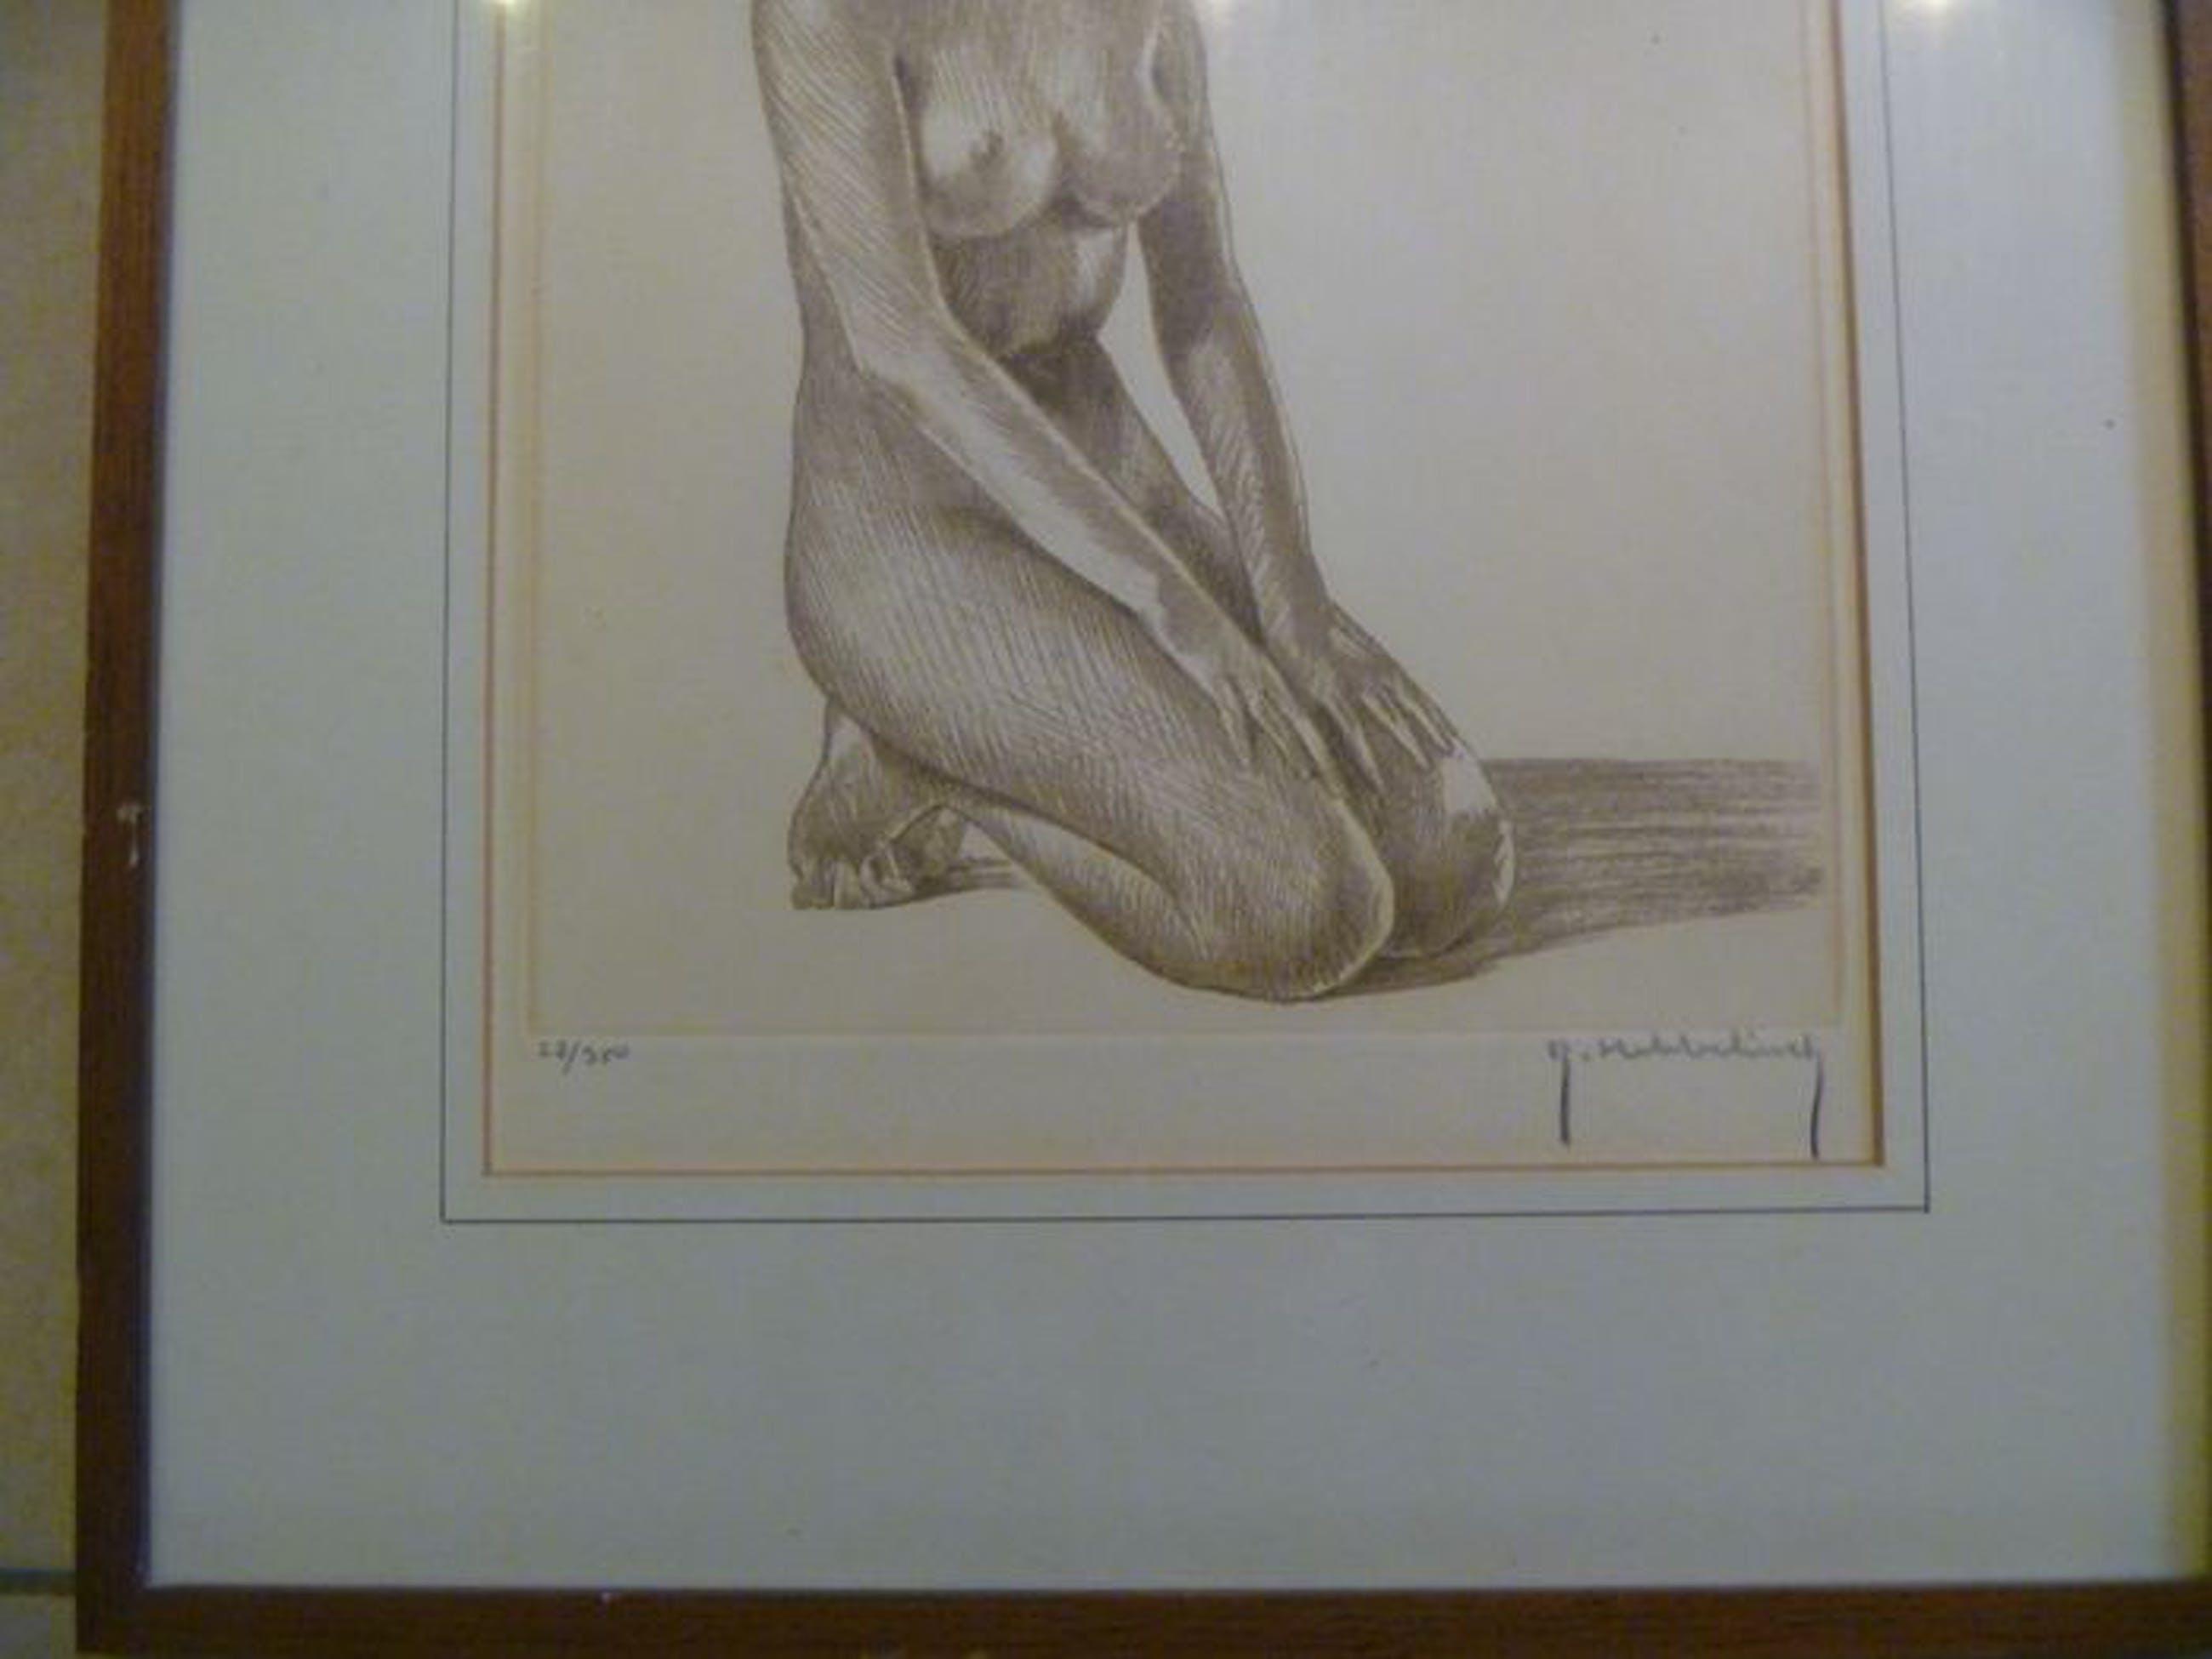 Roger Hebbelinck - 2 prachtige litho's van een naakte dame , gesigneerd en ingelijst kopen? Bied vanaf 69!